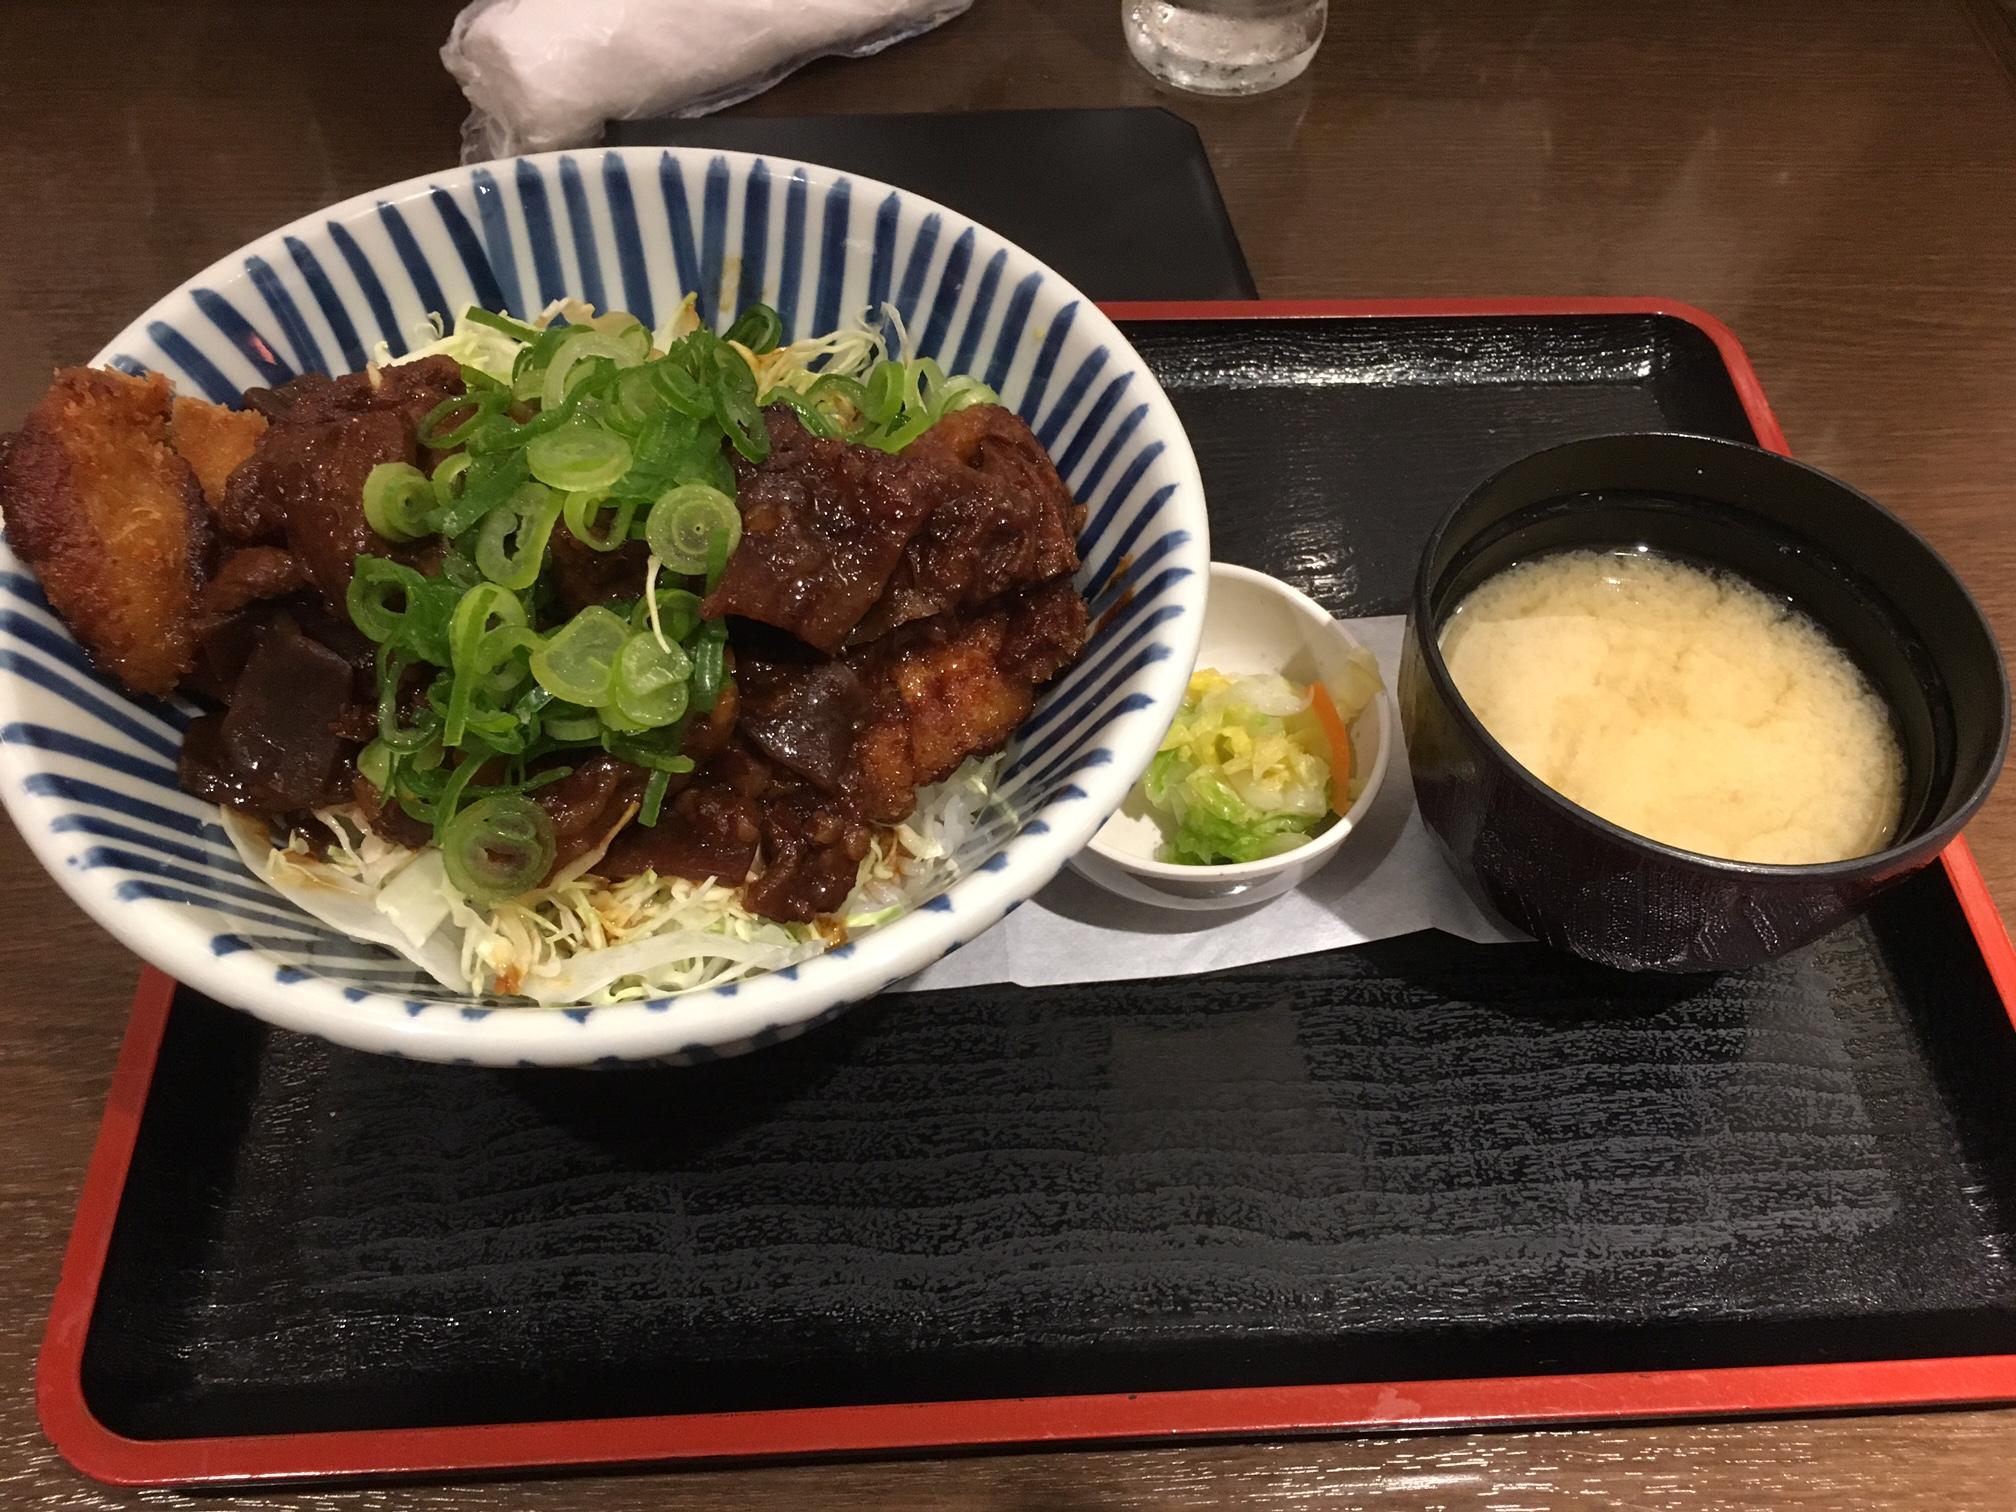 キッチンなごや (JR名古屋駅、とんかつ)